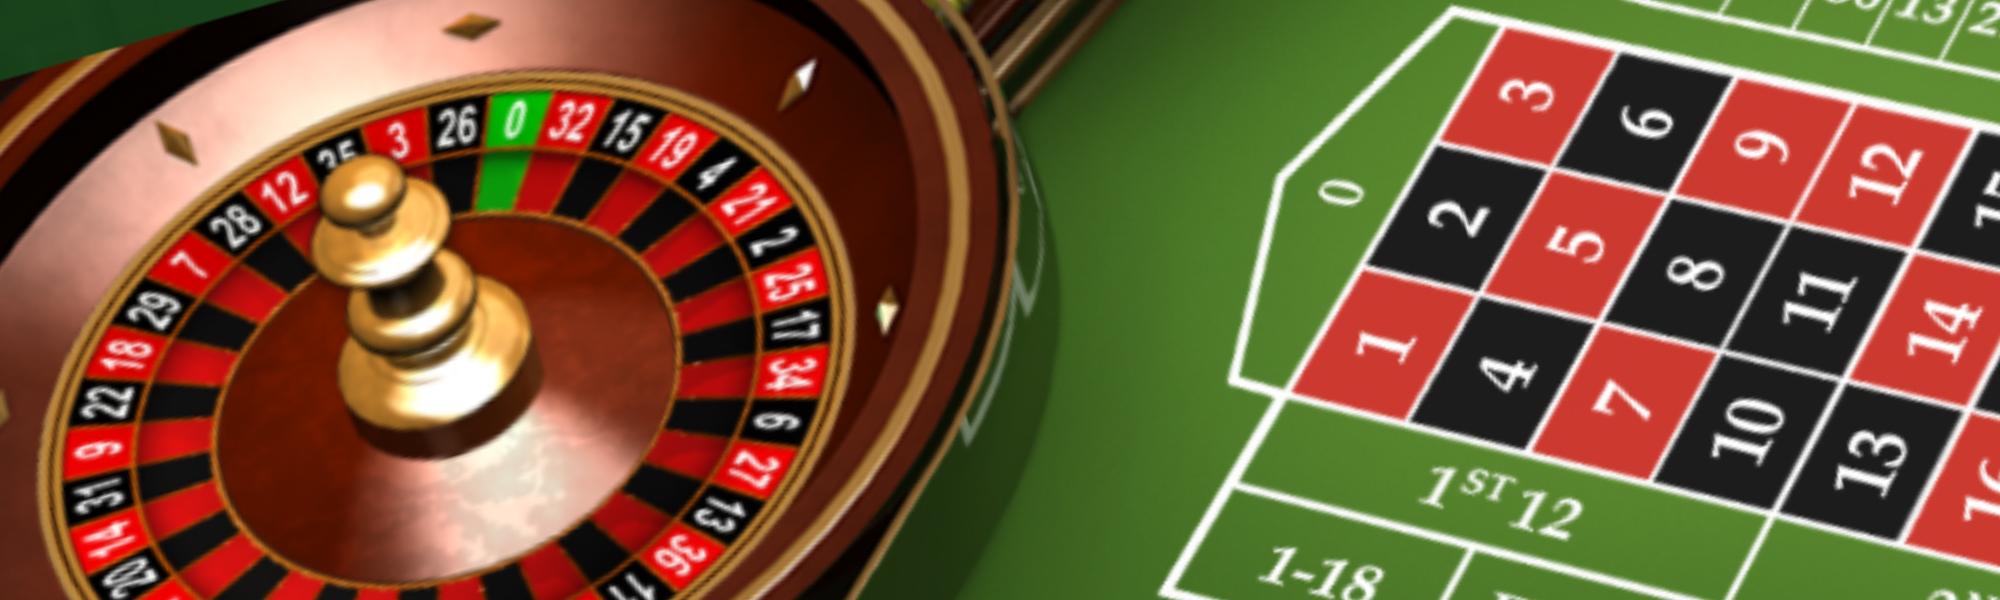 Casinos dinheiro real online 31559